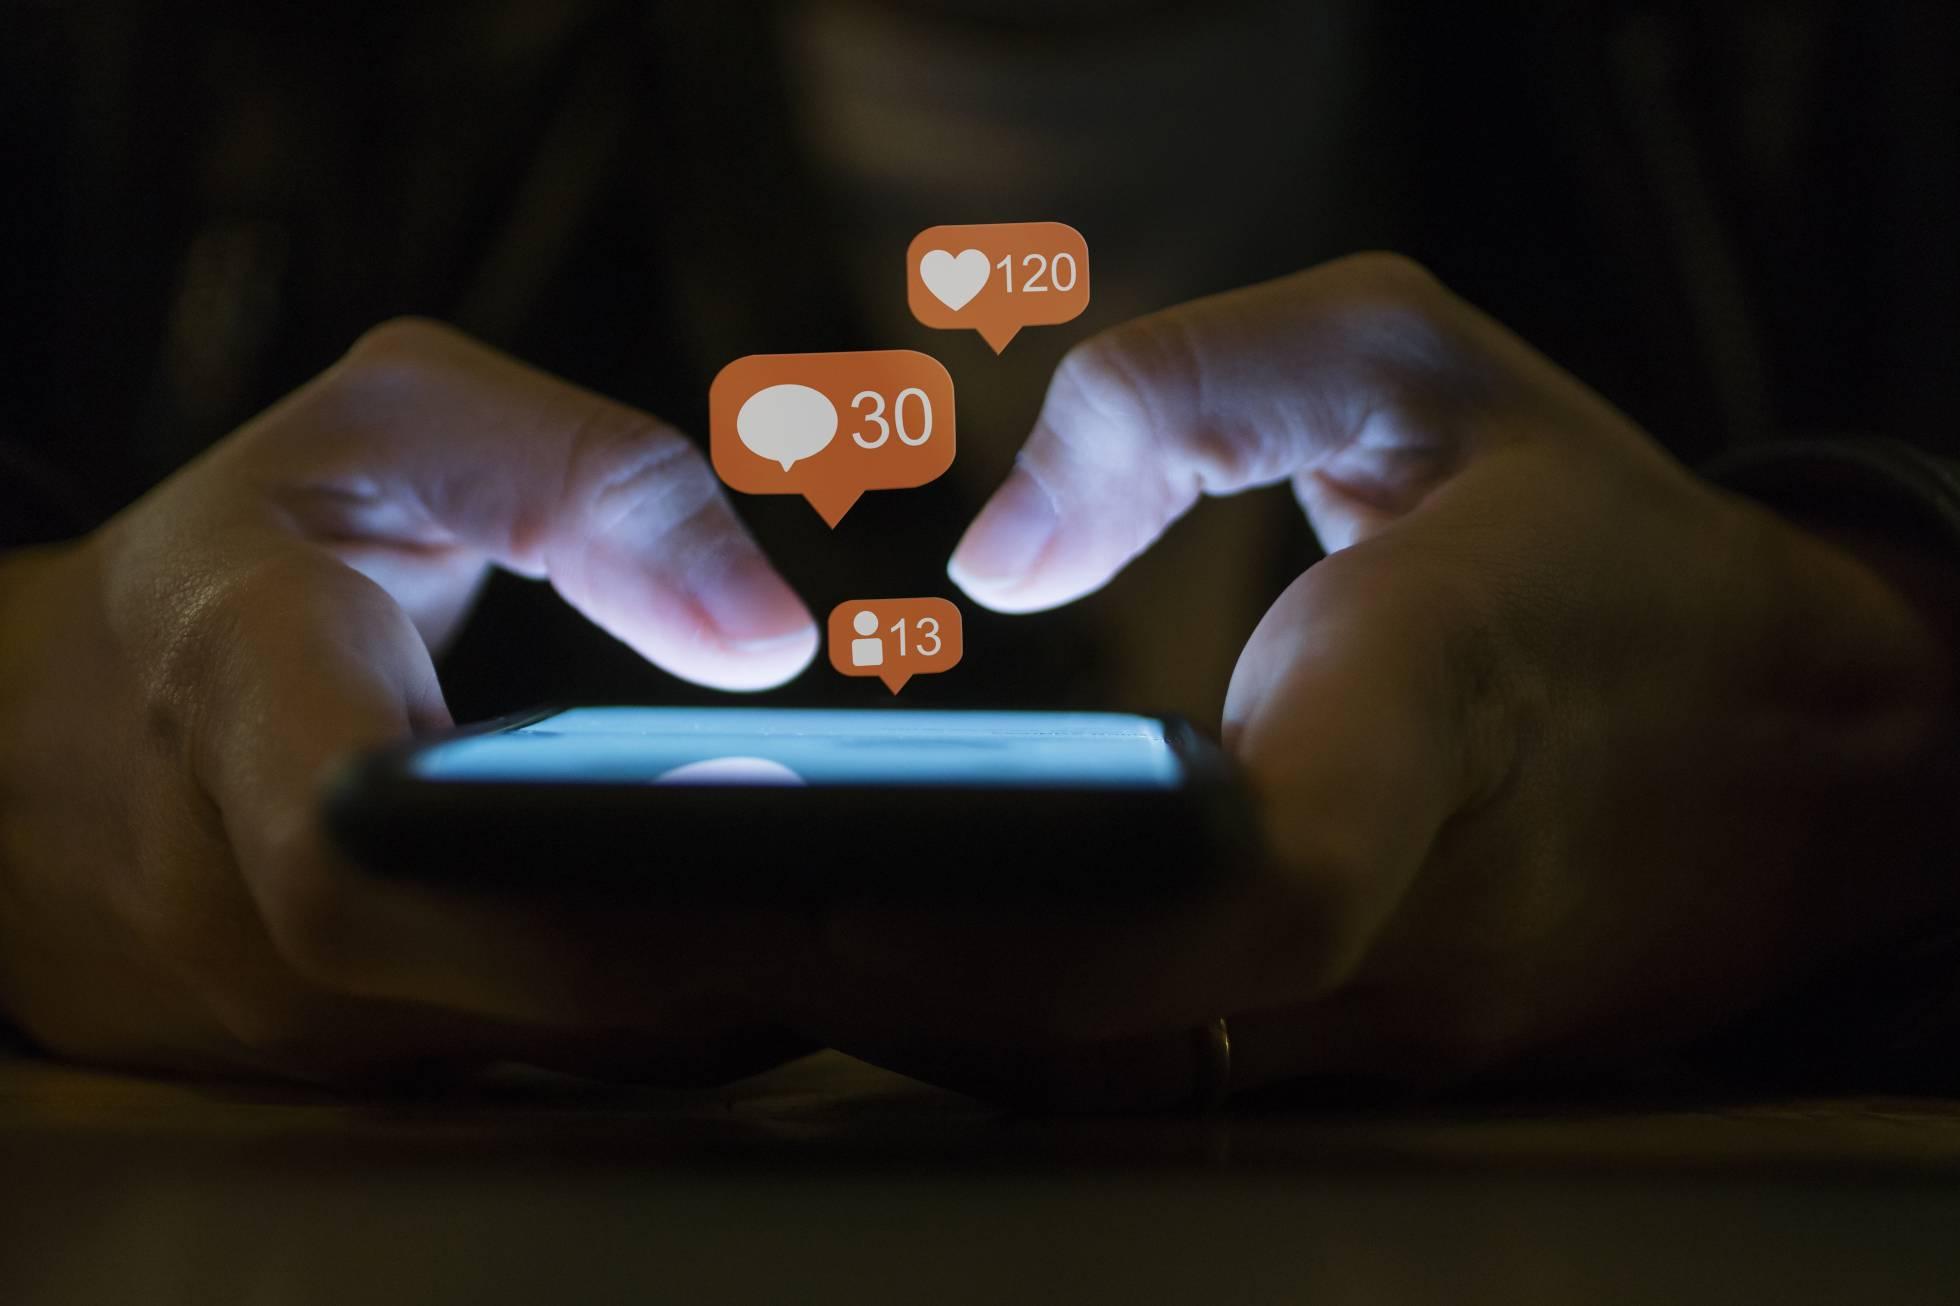 ¿Qué red social es la más útil para que los abogados consigan captar clientes?